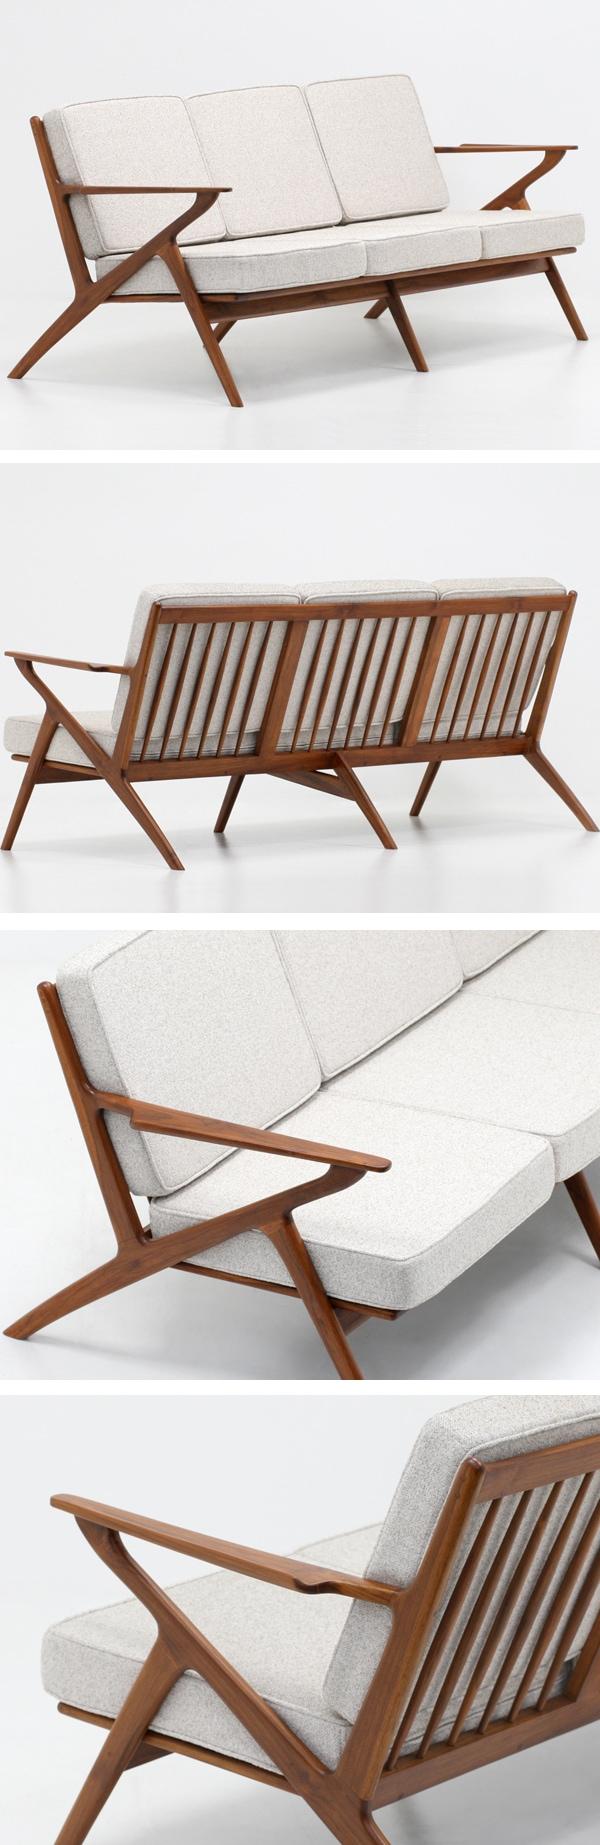 北欧デザイン家具,Klokken,クロッケン,チーク材,3人掛けソファ,ベージュ